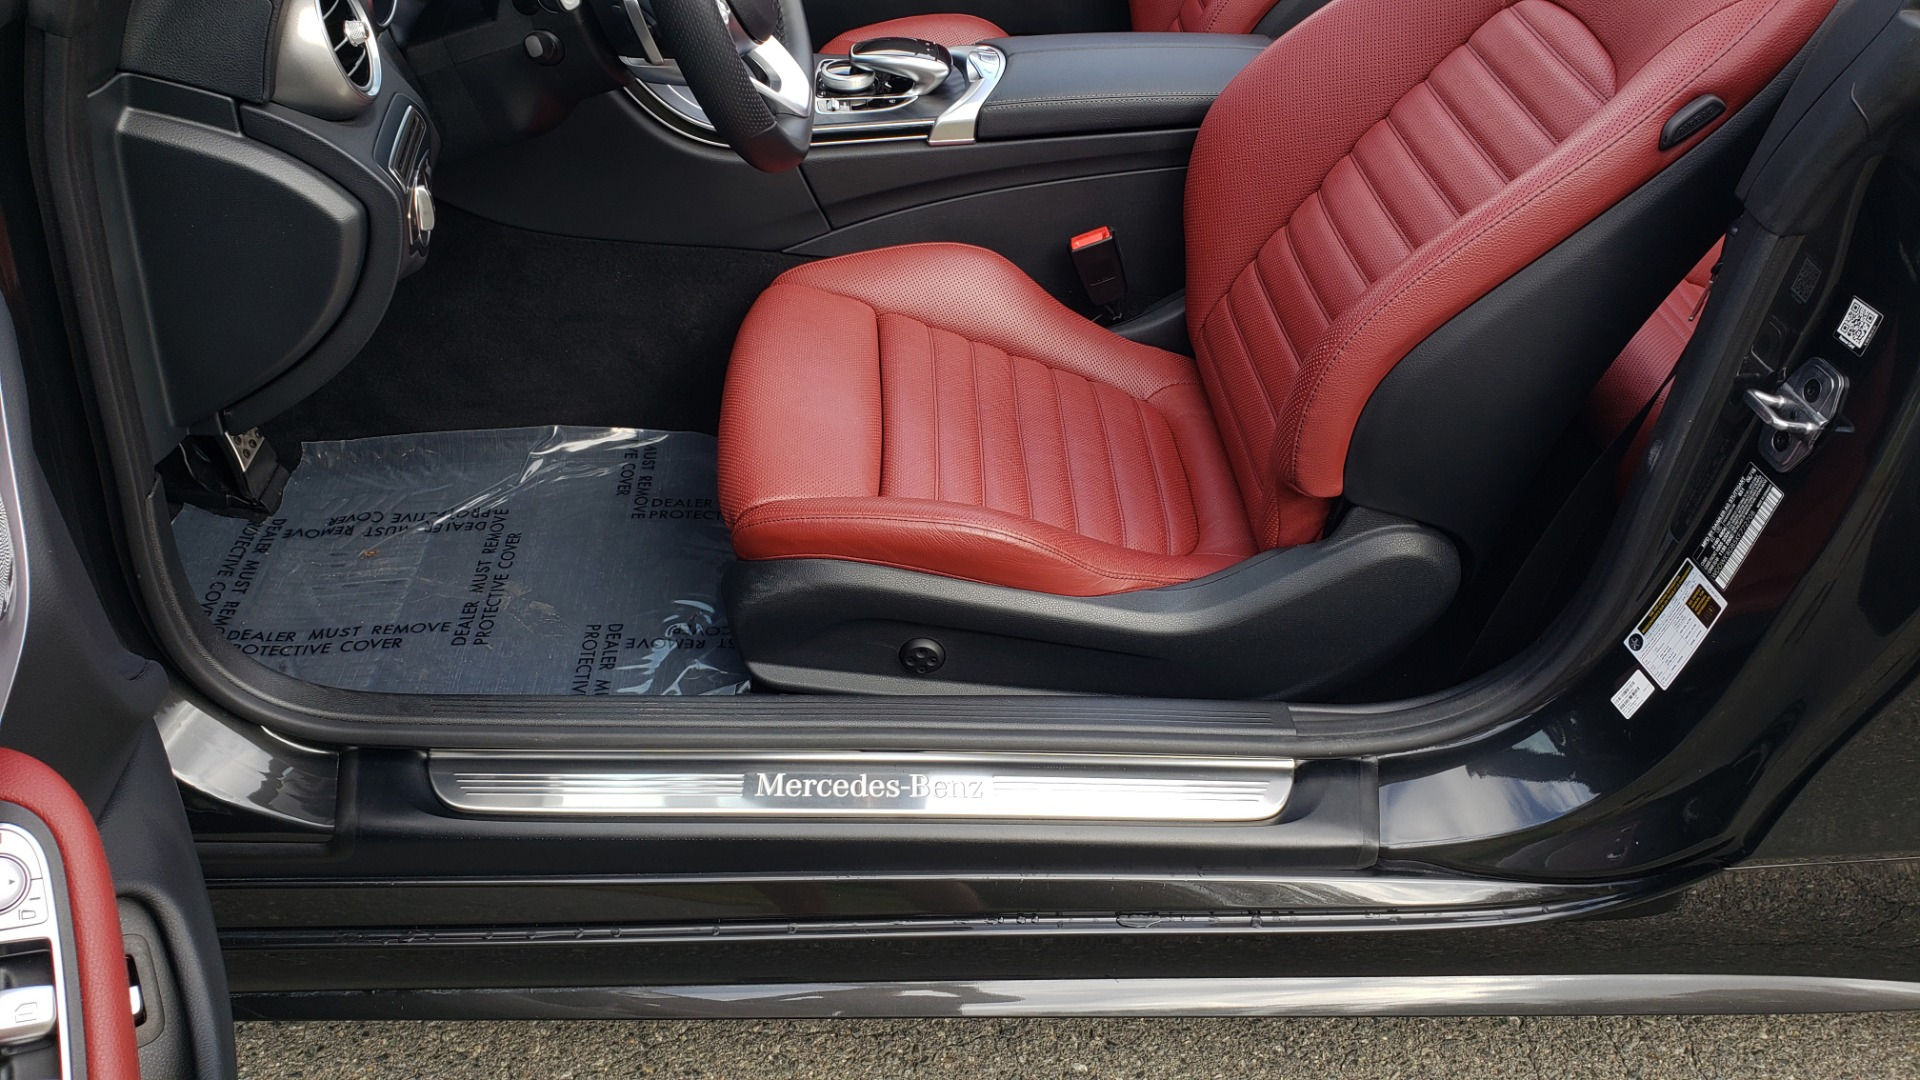 Used 2019 Mercedes-Benz C-CLASS C 300 CABRIOLET / PREM PKG / NAV / BURMESTER / MULTIMEDIA for sale $49,995 at Formula Imports in Charlotte NC 28227 31